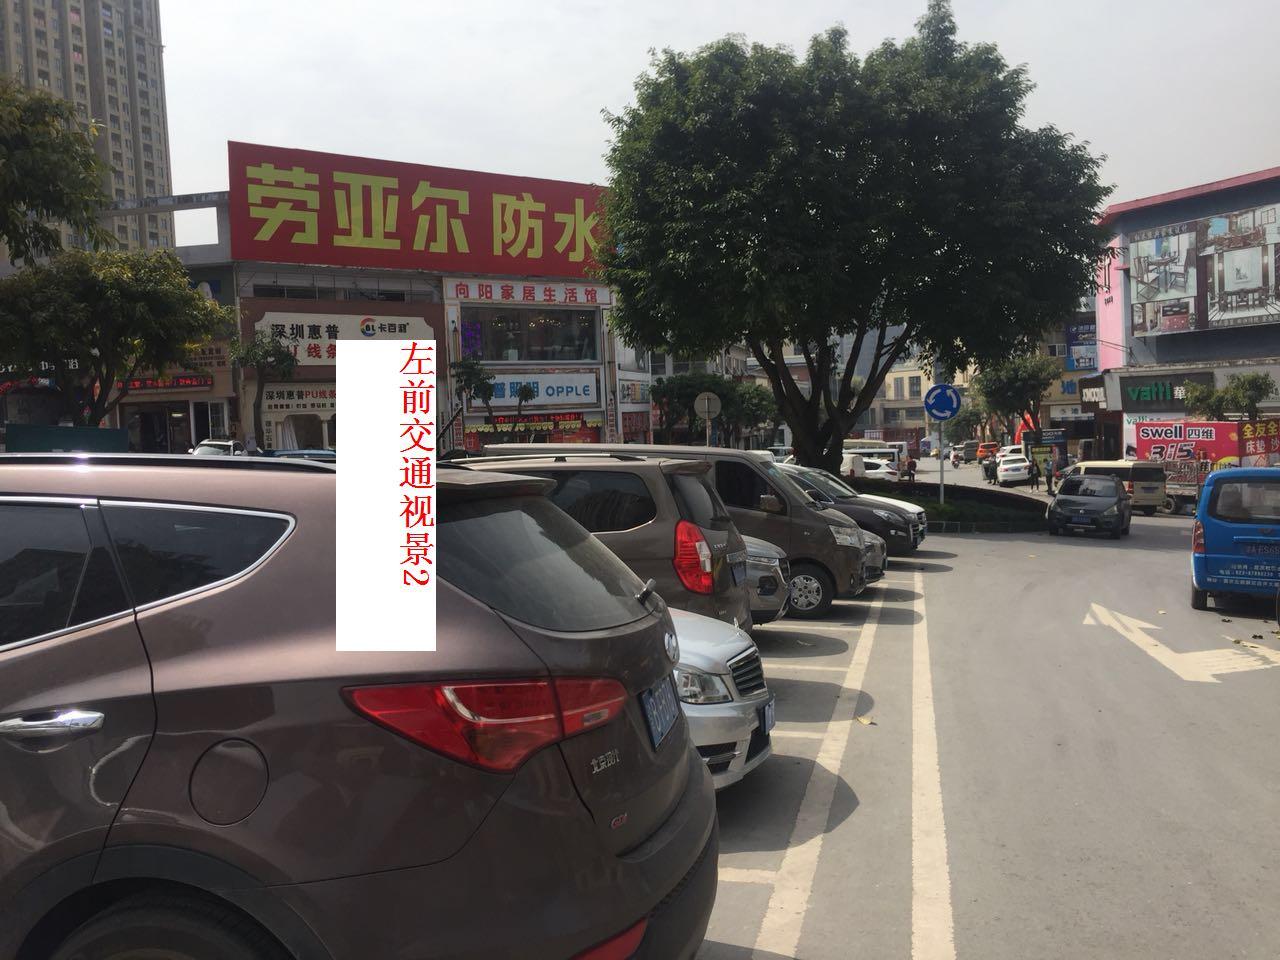 出租(售)中国西部建材城?鸳鸯商业街店铺